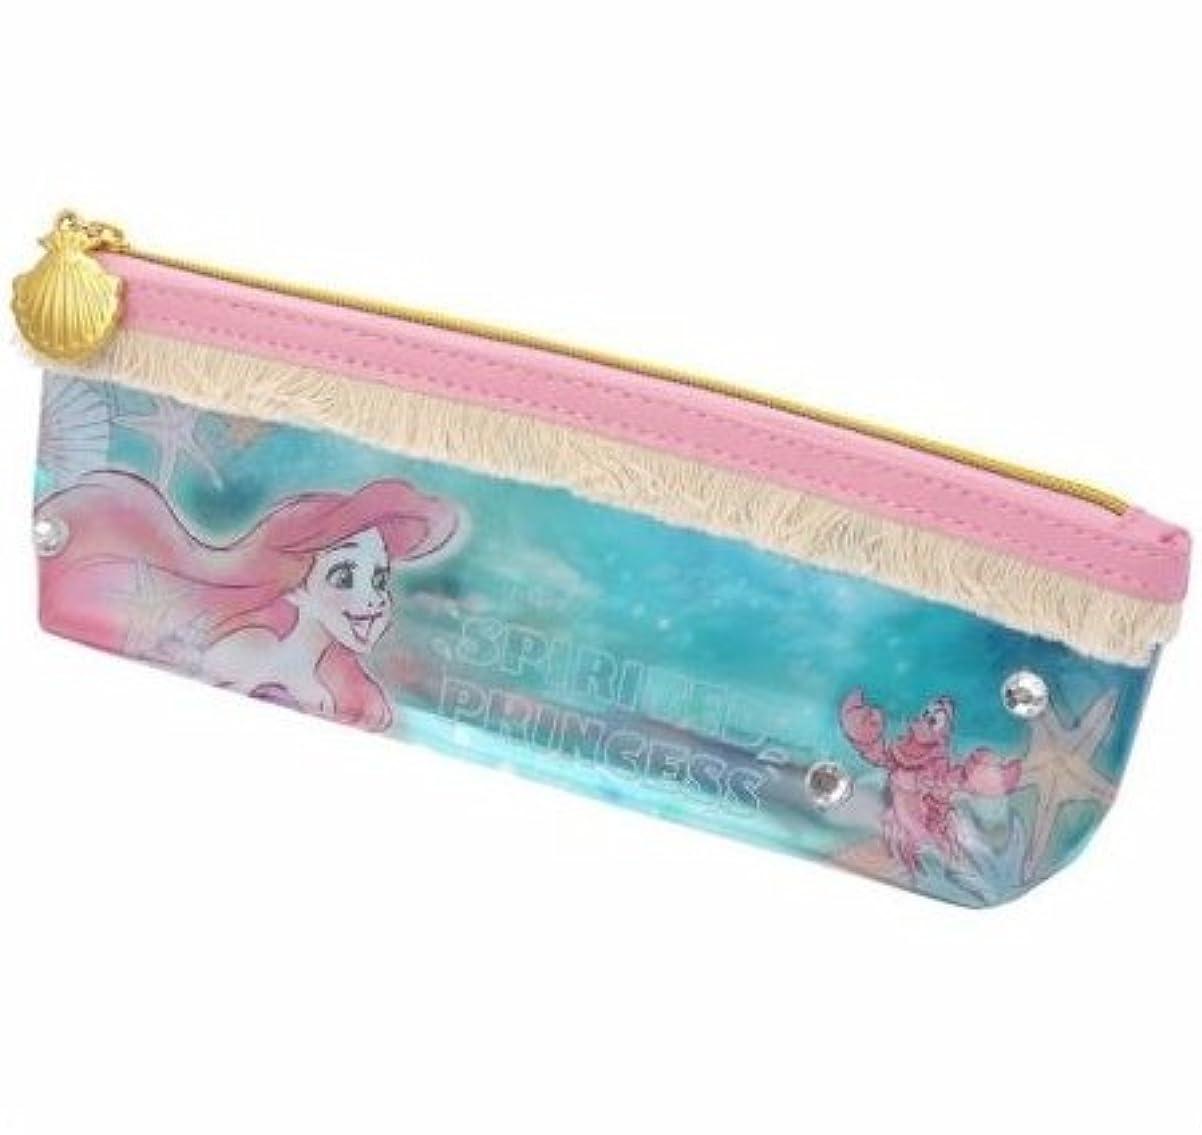 バリケードパトロール安価なアリエル Crystal Dream Mermaid 歯ブラシセット ディズニーストア